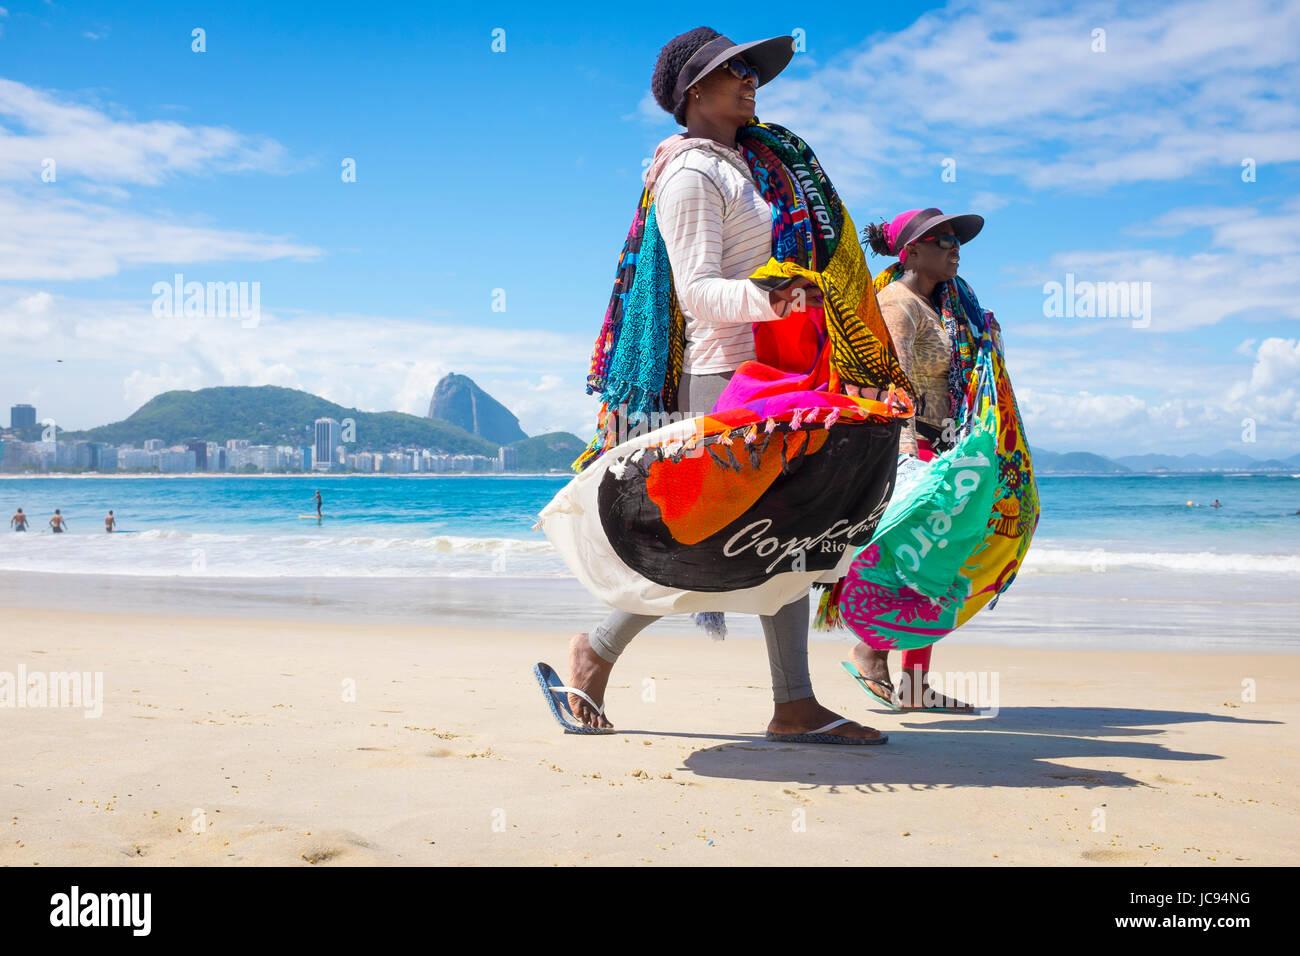 RIO DE JANEIRO - MARZO 21, 2017: Brasiliano i venditori sulla spiaggia a piedi lungo la spiaggia di Copacabana vendita Immagini Stock